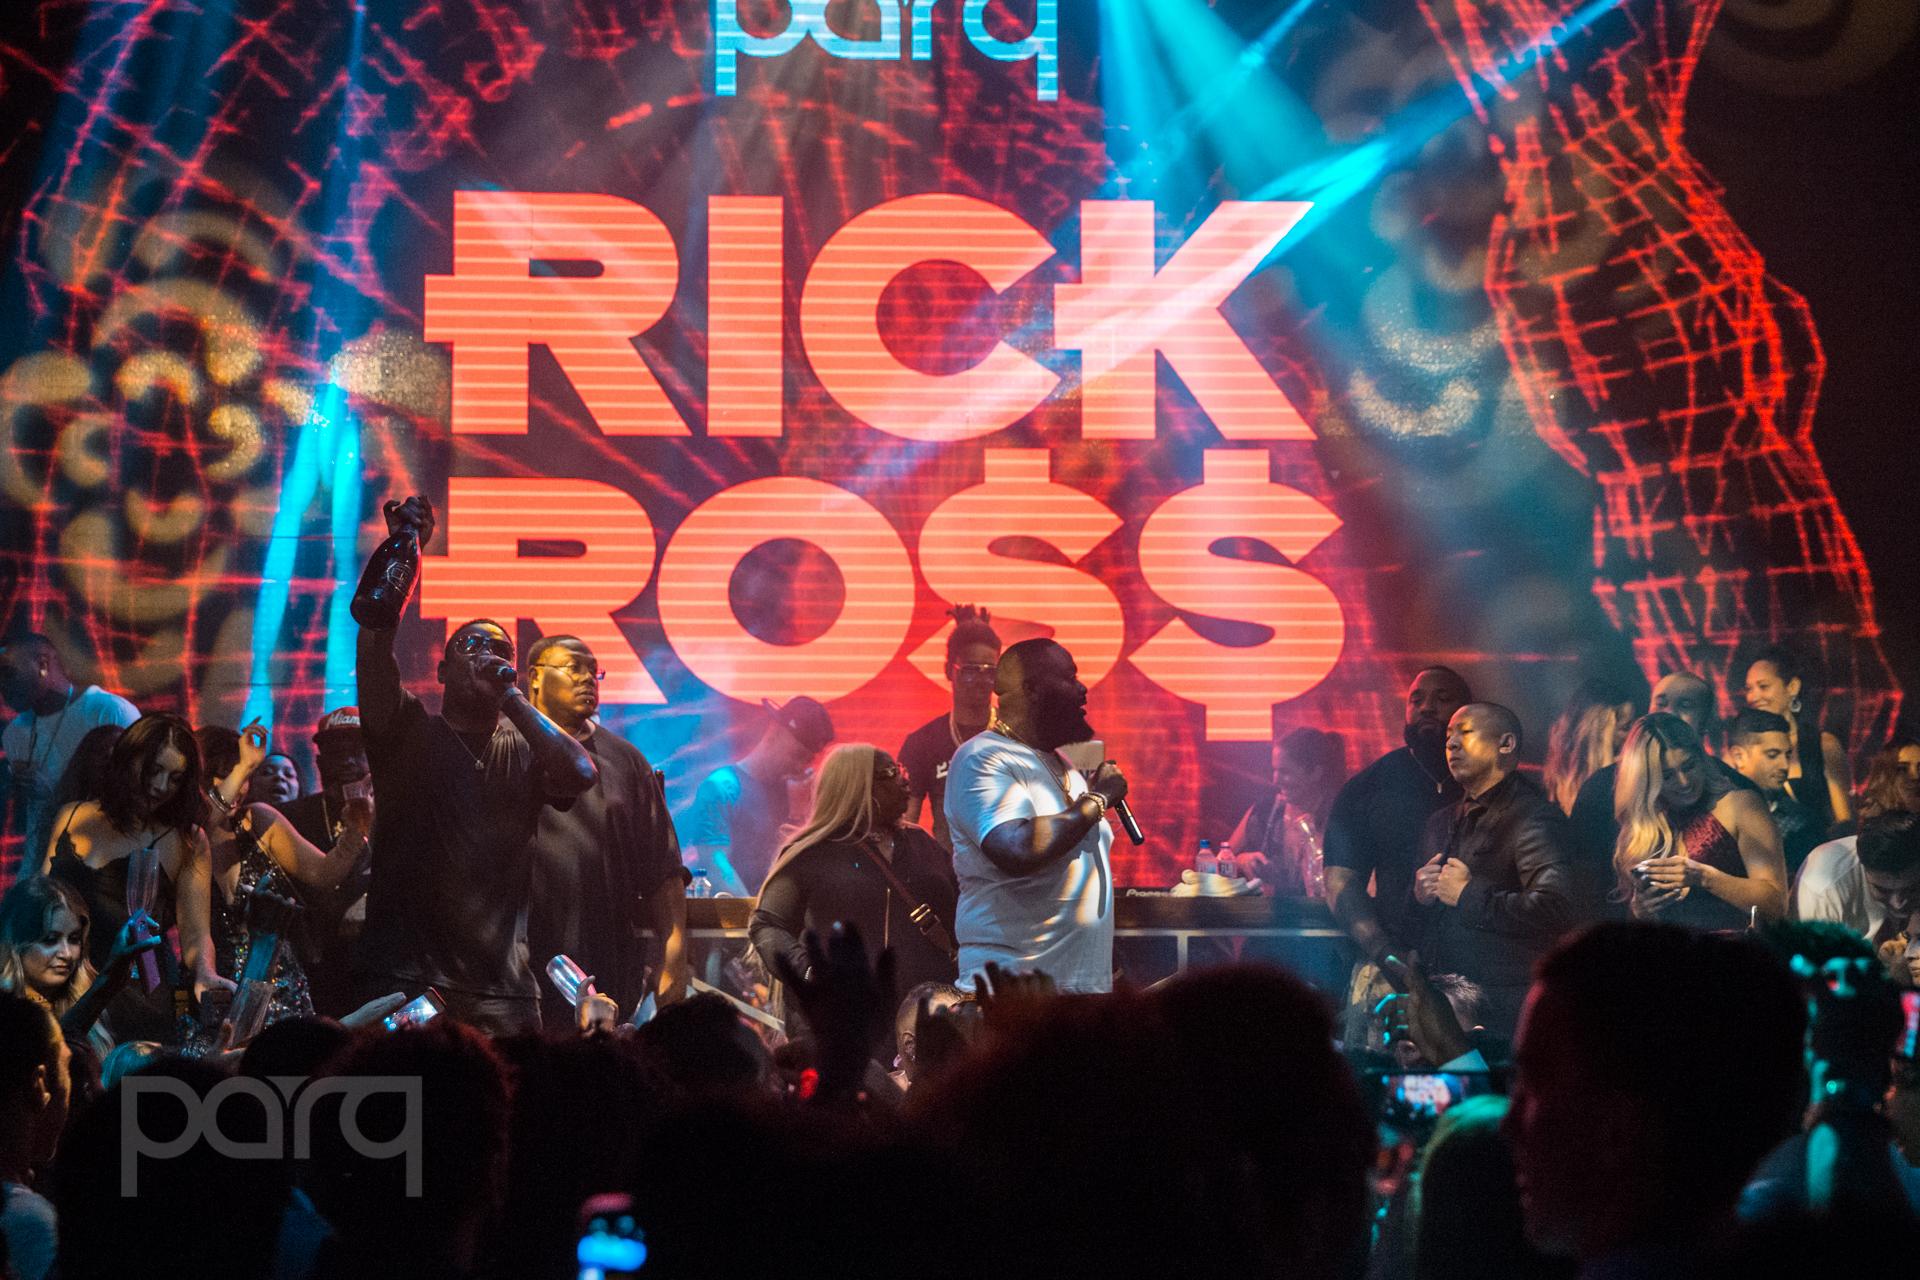 09.03.17 Parq - Rick Ross-27.jpg